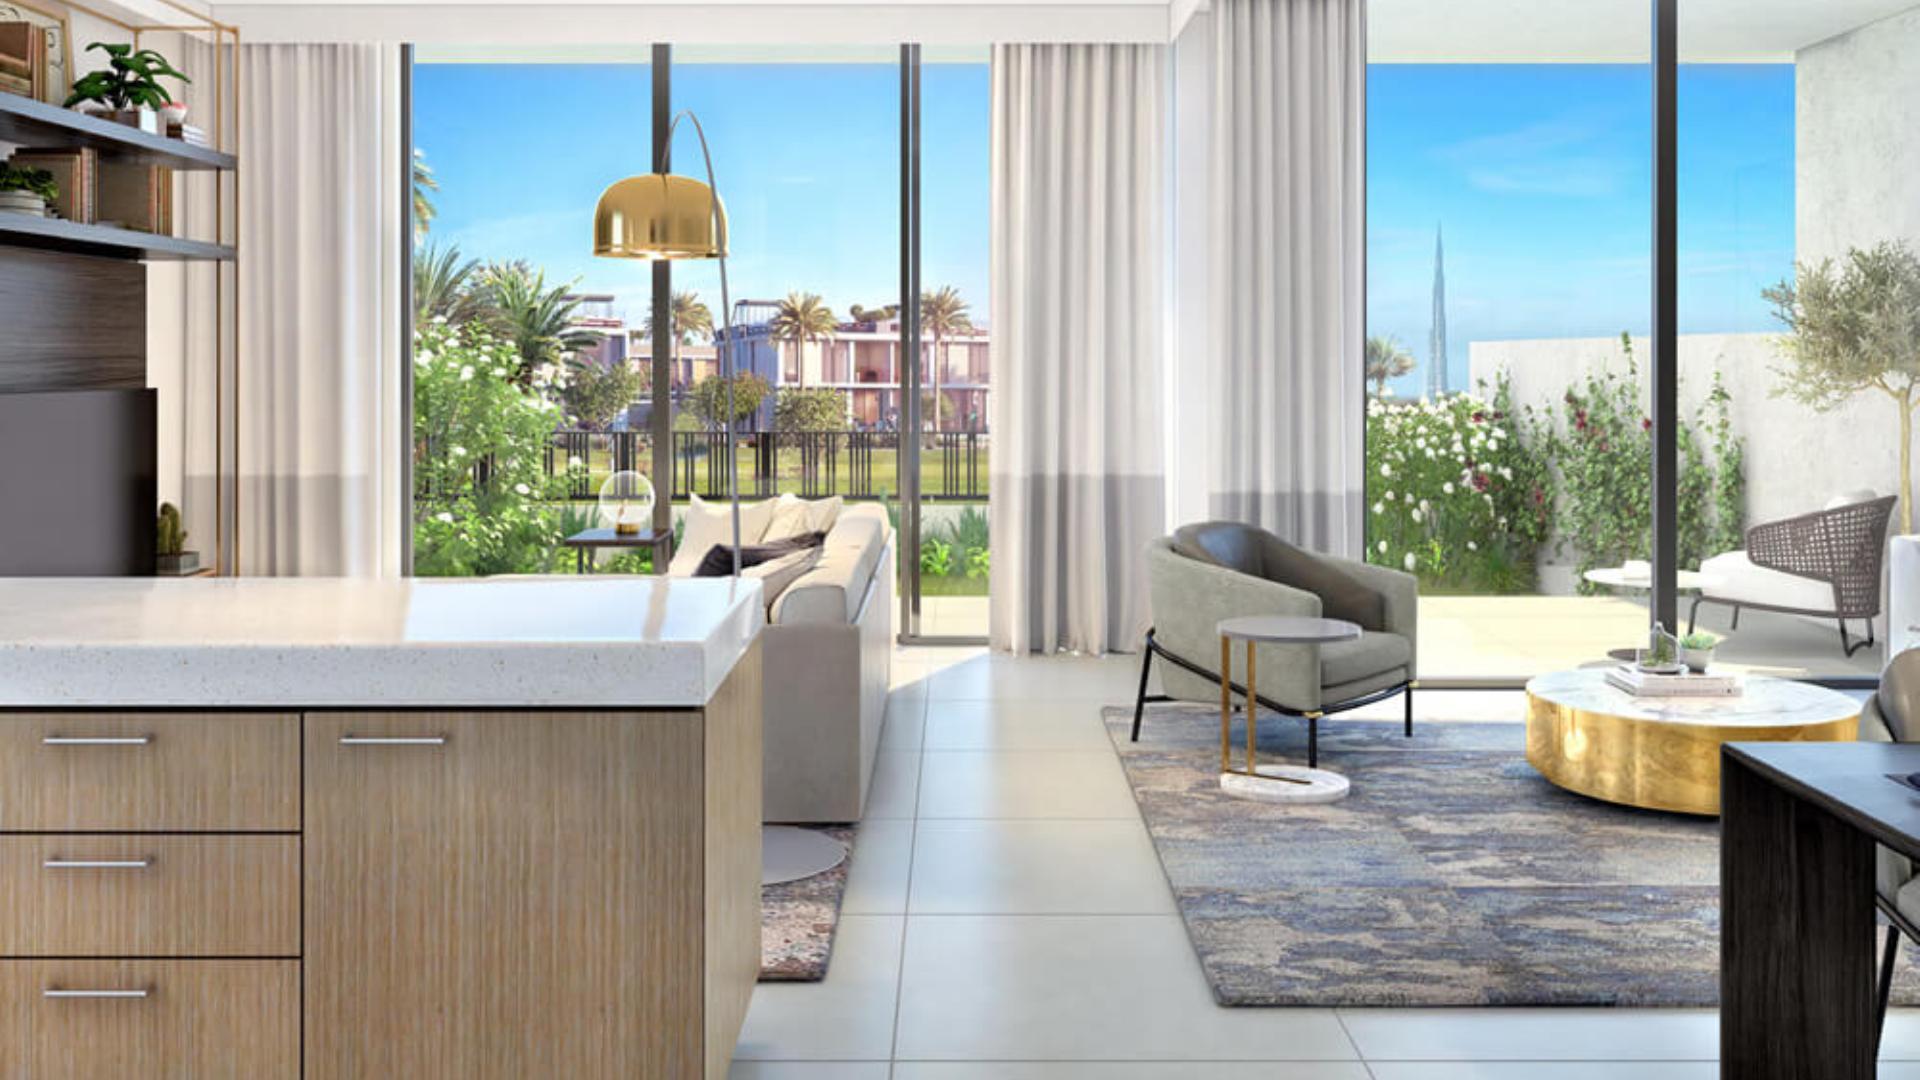 Adosado en venta en Dubai, EAU, 4 dormitorios, 292 m2, № 24375 – foto 3